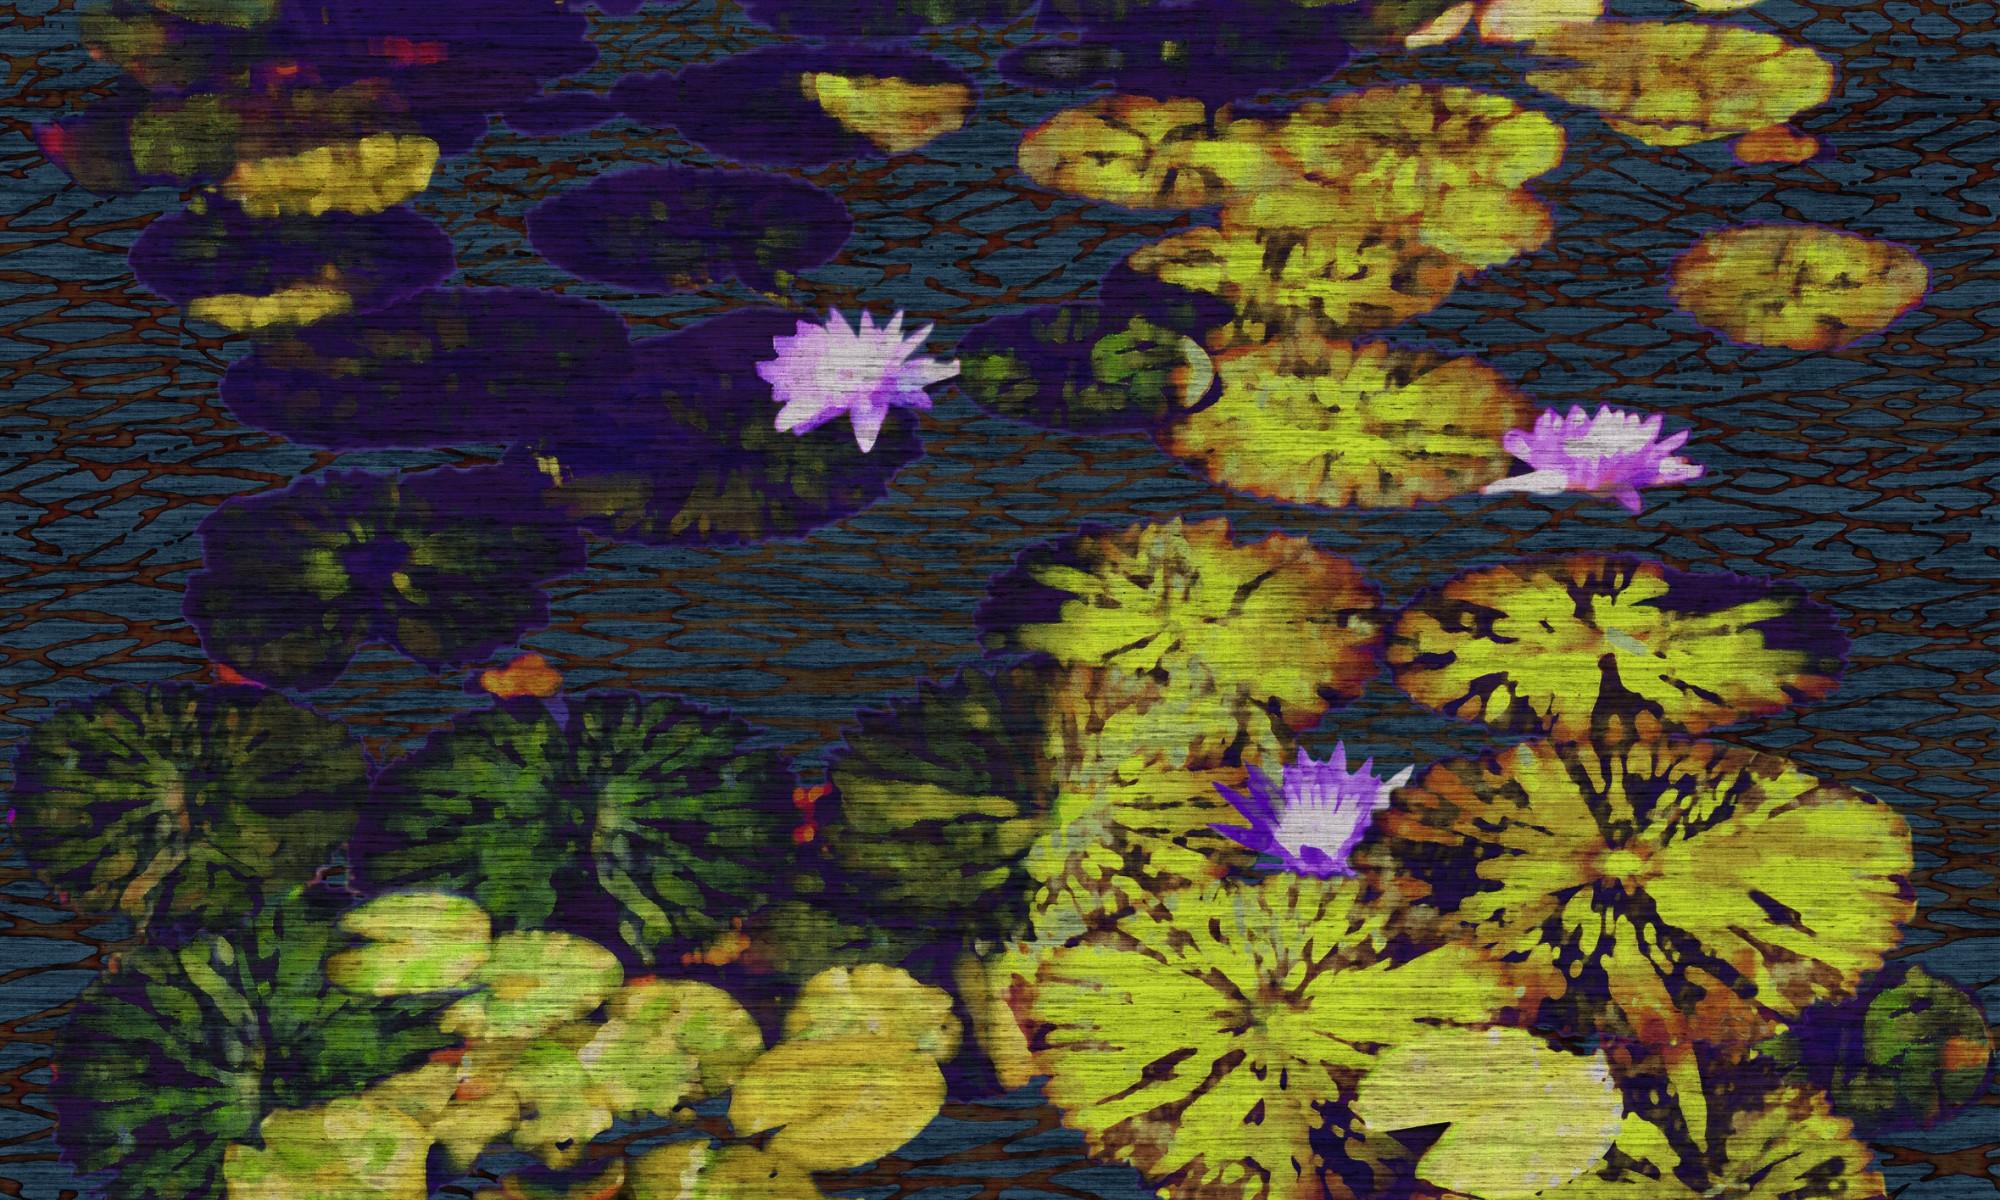 """Seerosenblätter und lilafarbene Blüten in Negativtechnik sind auf dem Tapetenbild """"All´ombra"""" von Élitis abgebildet und wirken wie ein riesiges Panoramabild. (Foto: © Élitis)"""